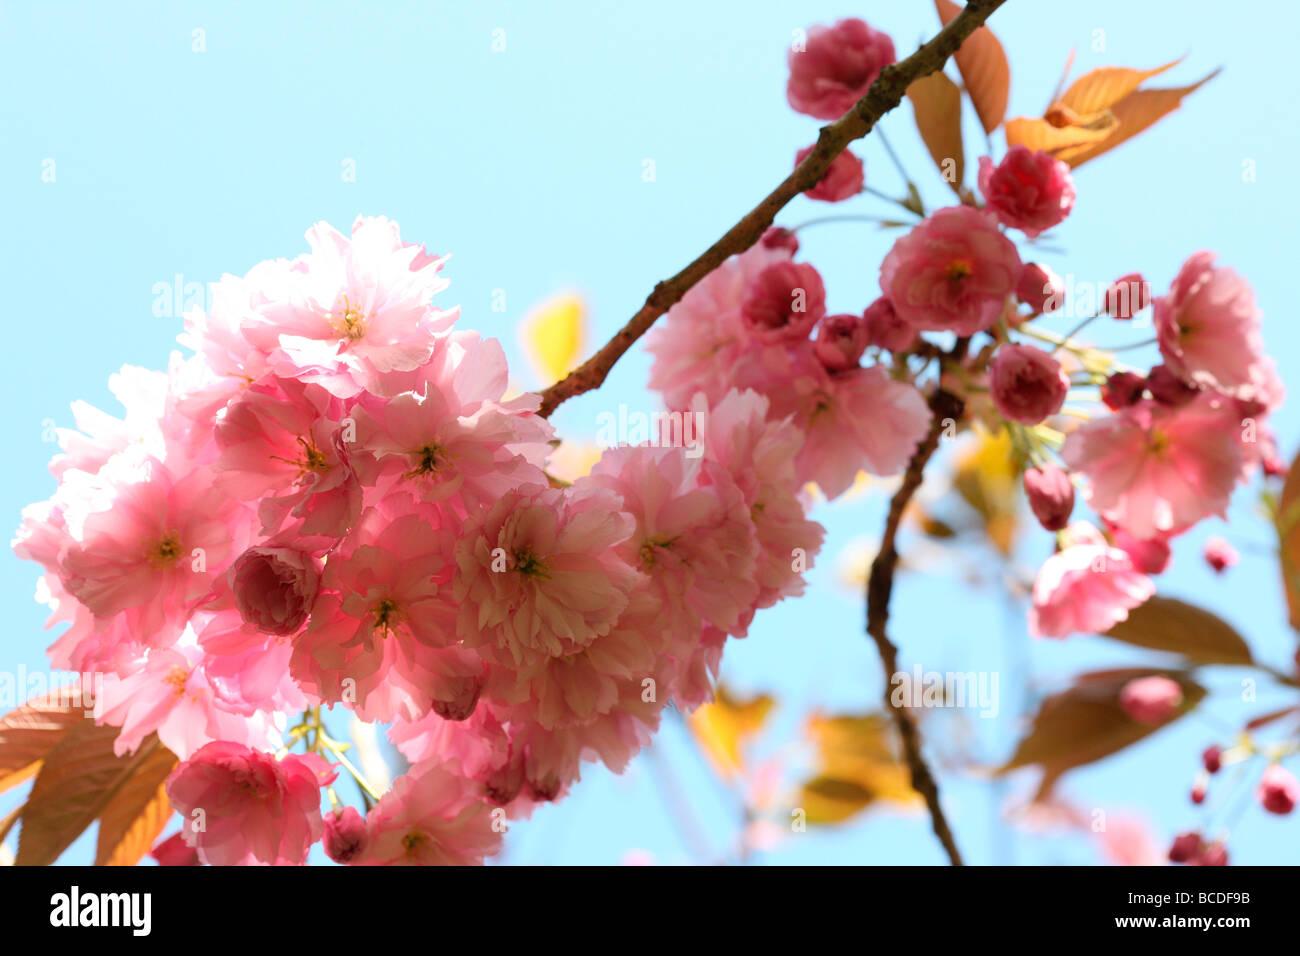 El sabor de la primavera flor de cerezo prunus fotografía artística Jane Ann Butler Fotografía JABP454 Imagen De Stock